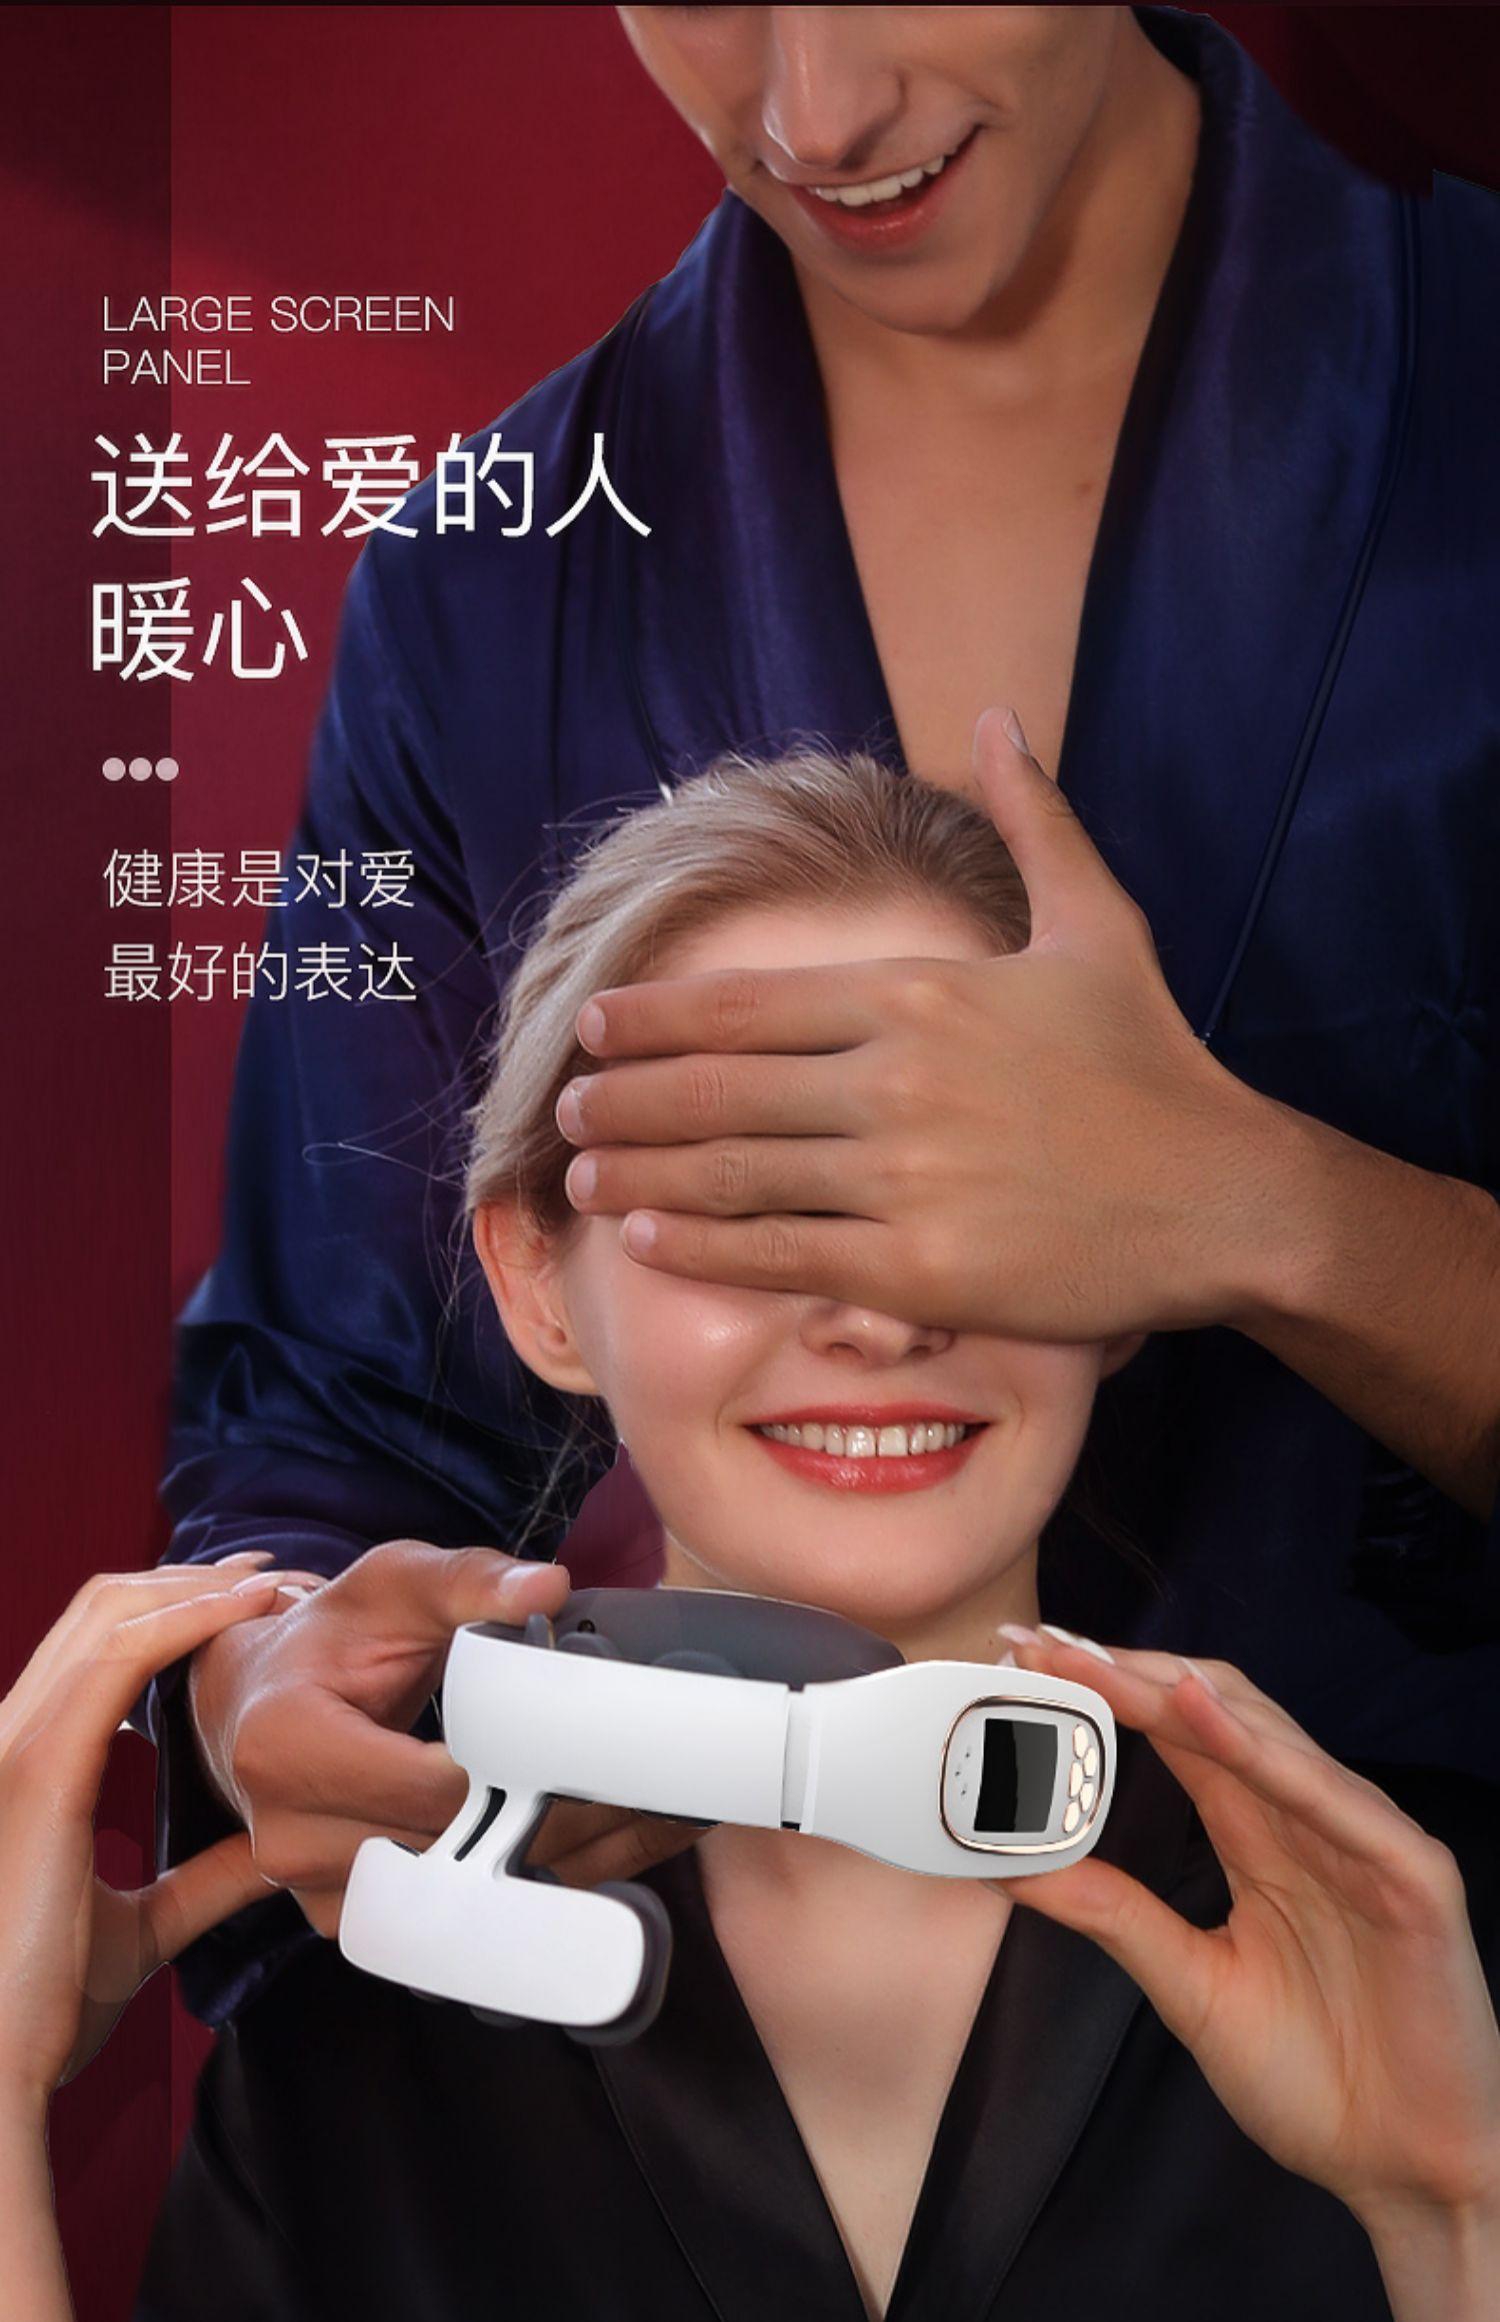 颈椎按摩器肩颈家用电动多功能护颈仪脖子智能加热肩部颈部按摩仪商品详情图